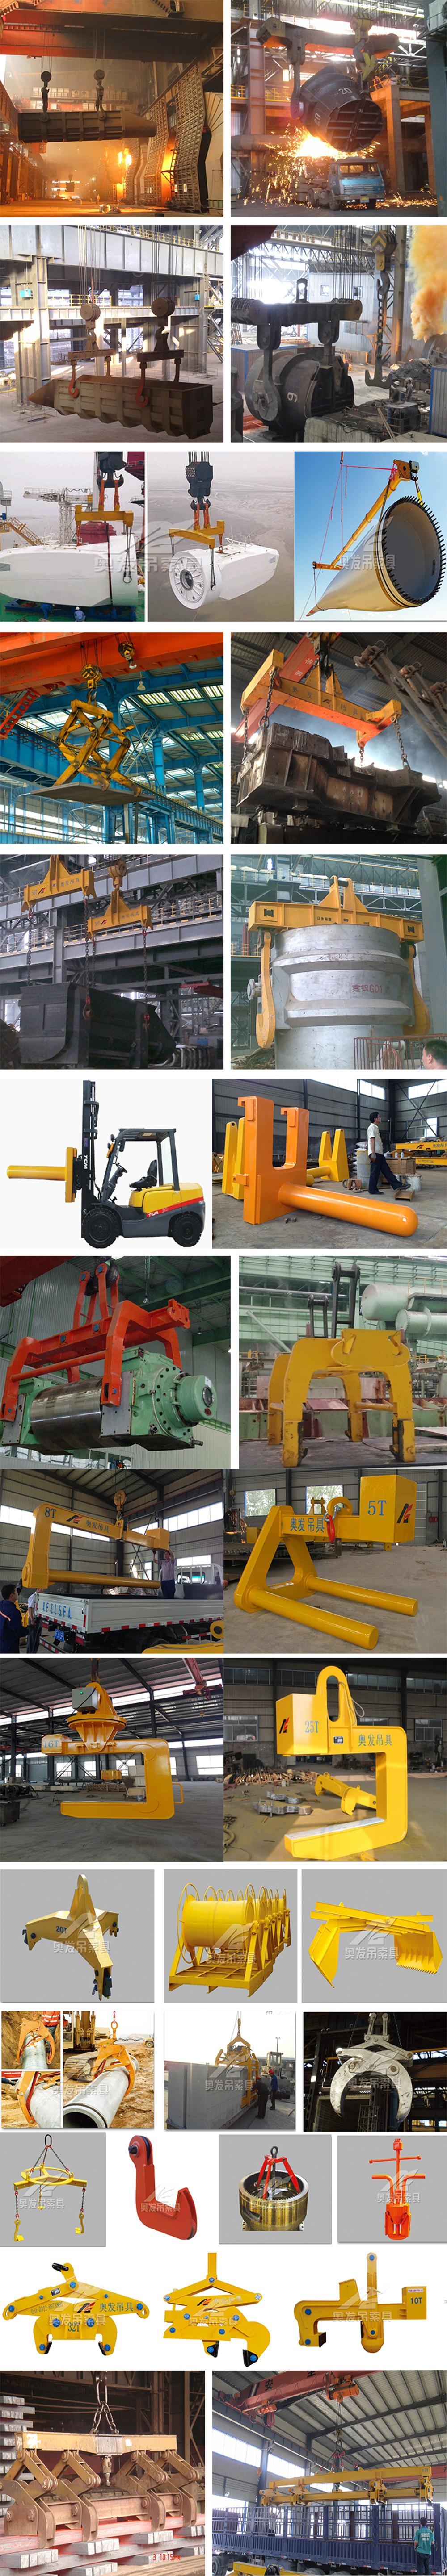 Hot sales beste hoge sterkte kwaliteit streng automatische precisie flip bilaterale verticale eenvoudige staal coil tong lifter